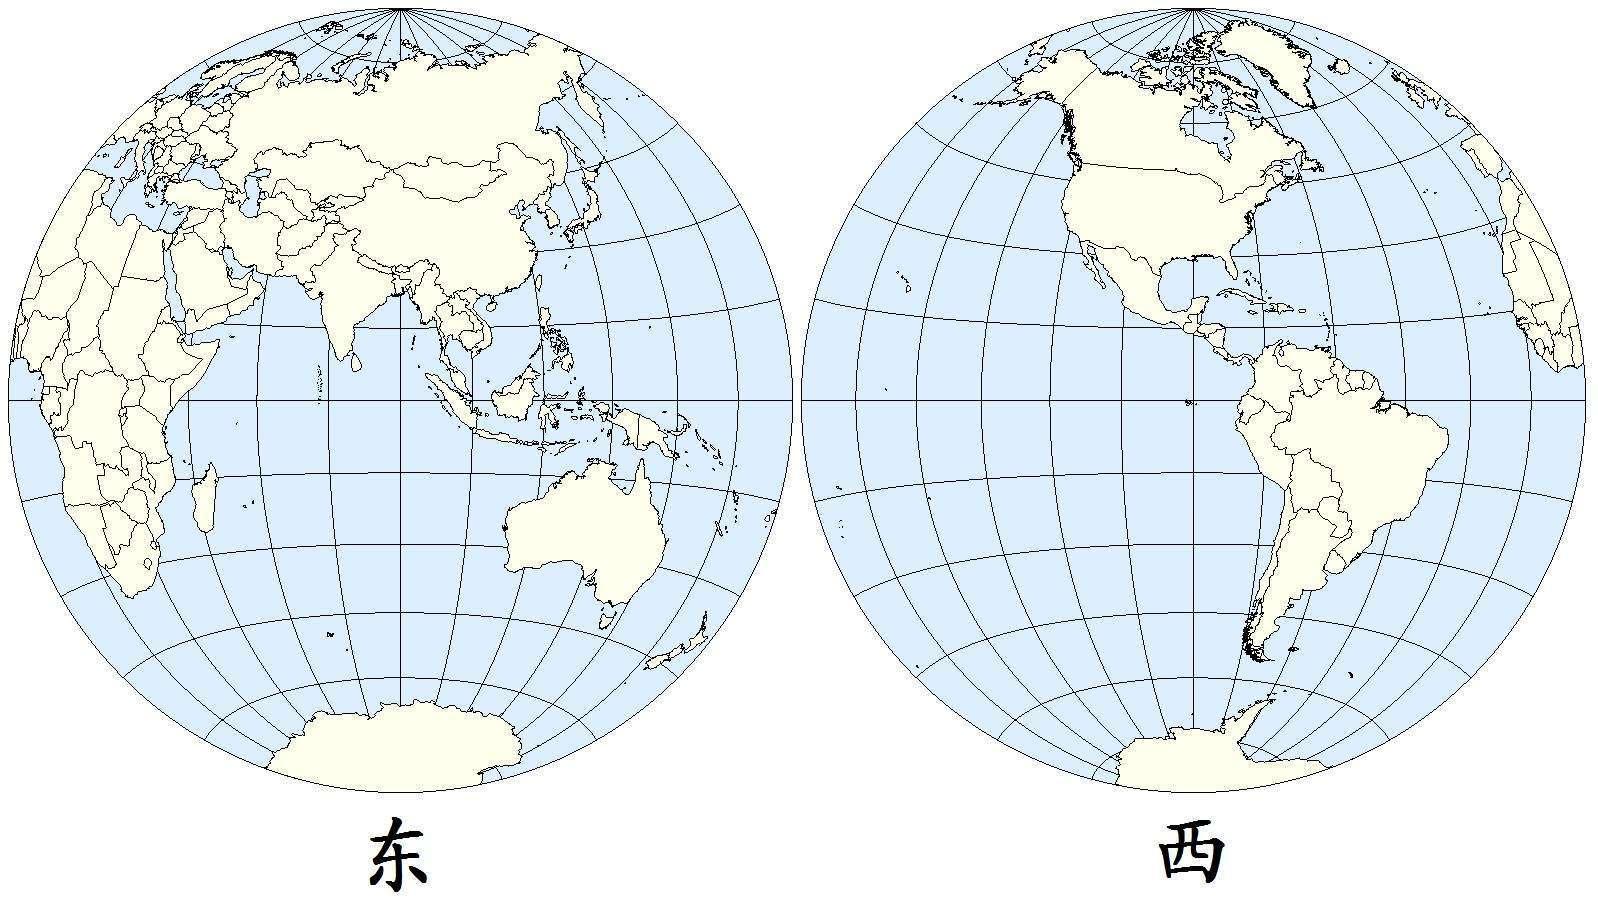 阿根廷和巴西的人均gdp_同为美洲大国,美国和巴西的经济发展为什么一个天上,一个地下